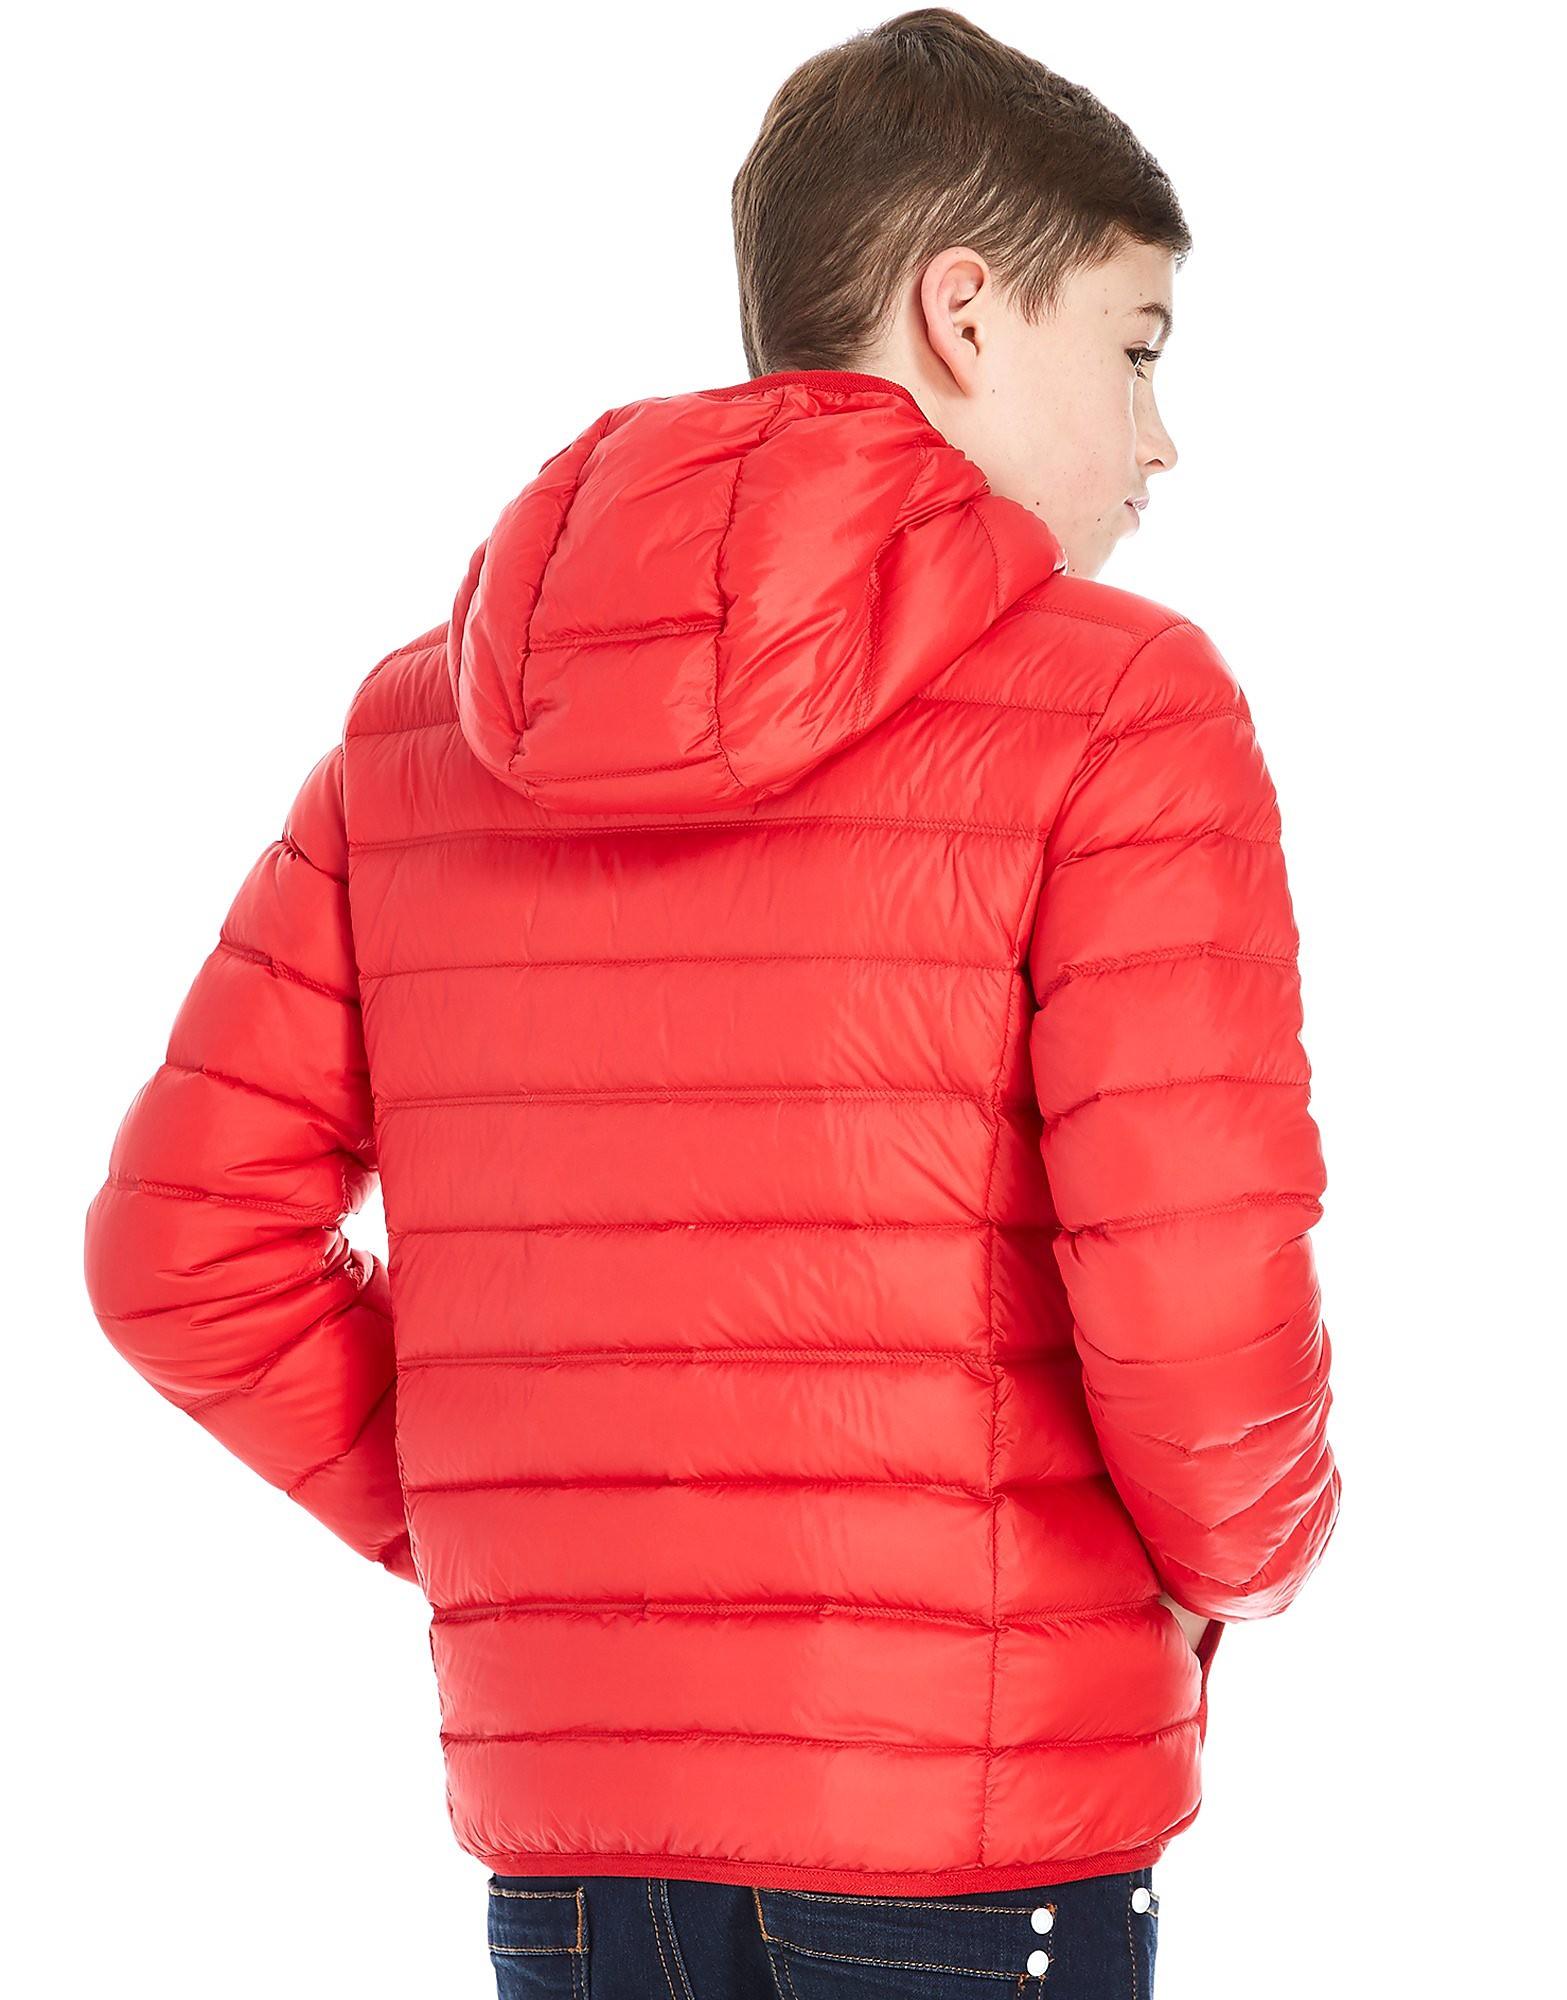 Emporio Armani EA7 chaqueta Core Down júnior